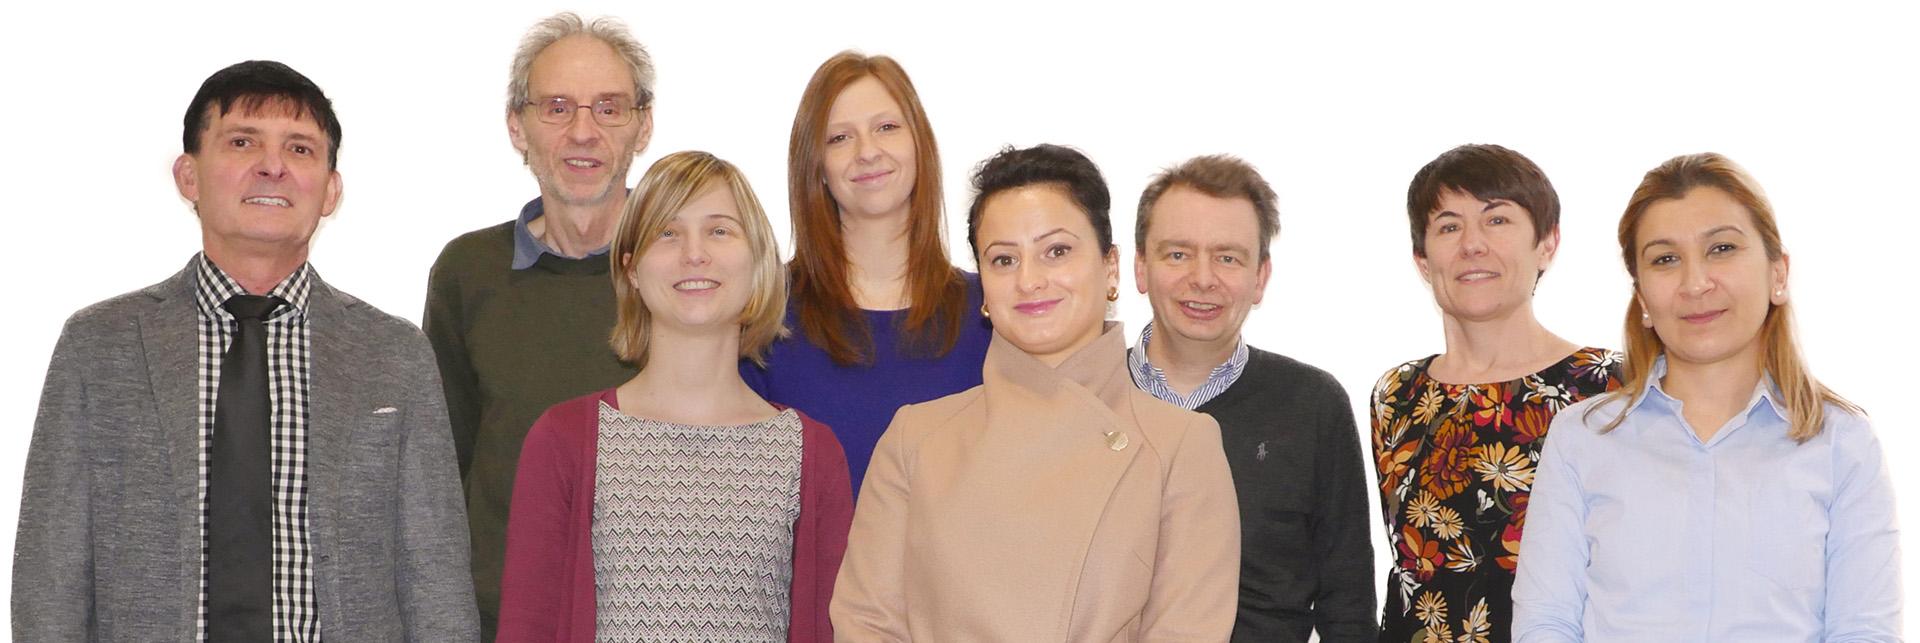 Huisartsenpraktijk Kolderbos Team